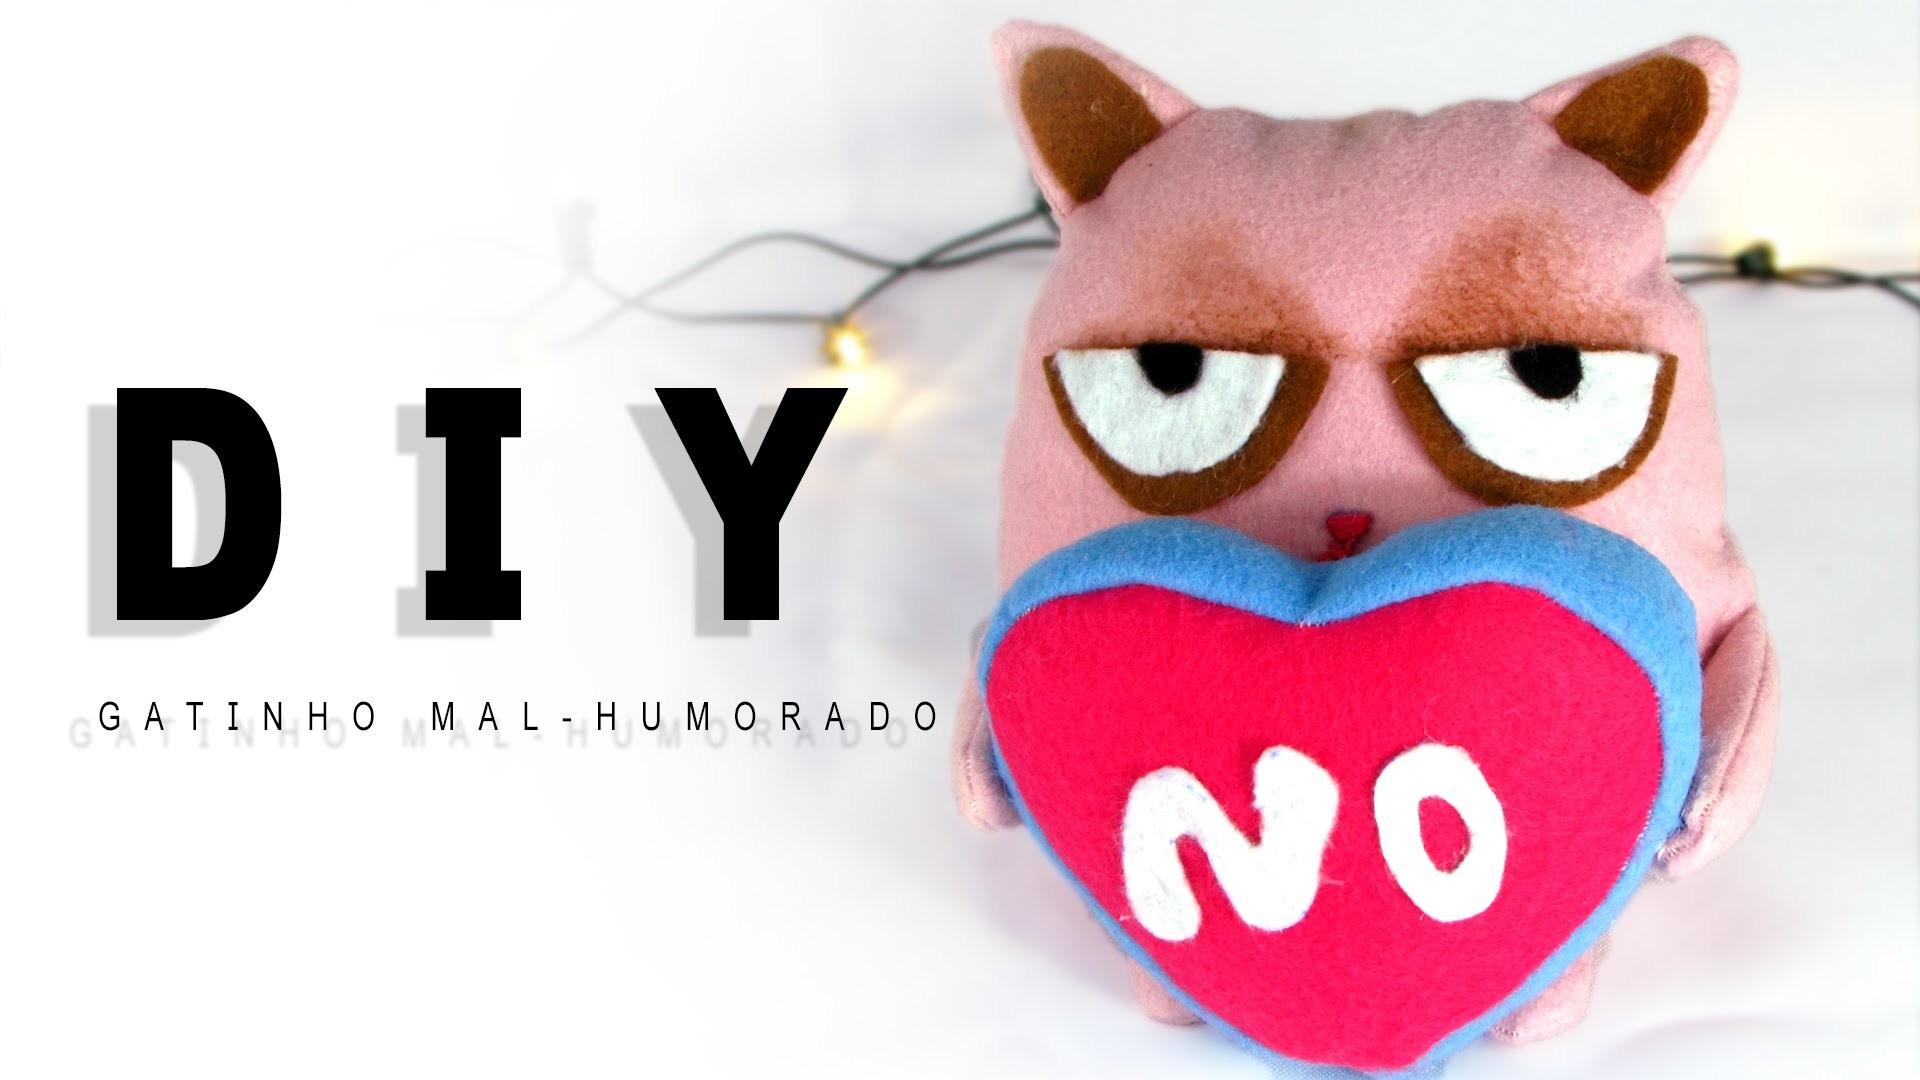 DIY Faça você mesma: gatinho mal-humorado dia dos namorados | Poly Gonçalves